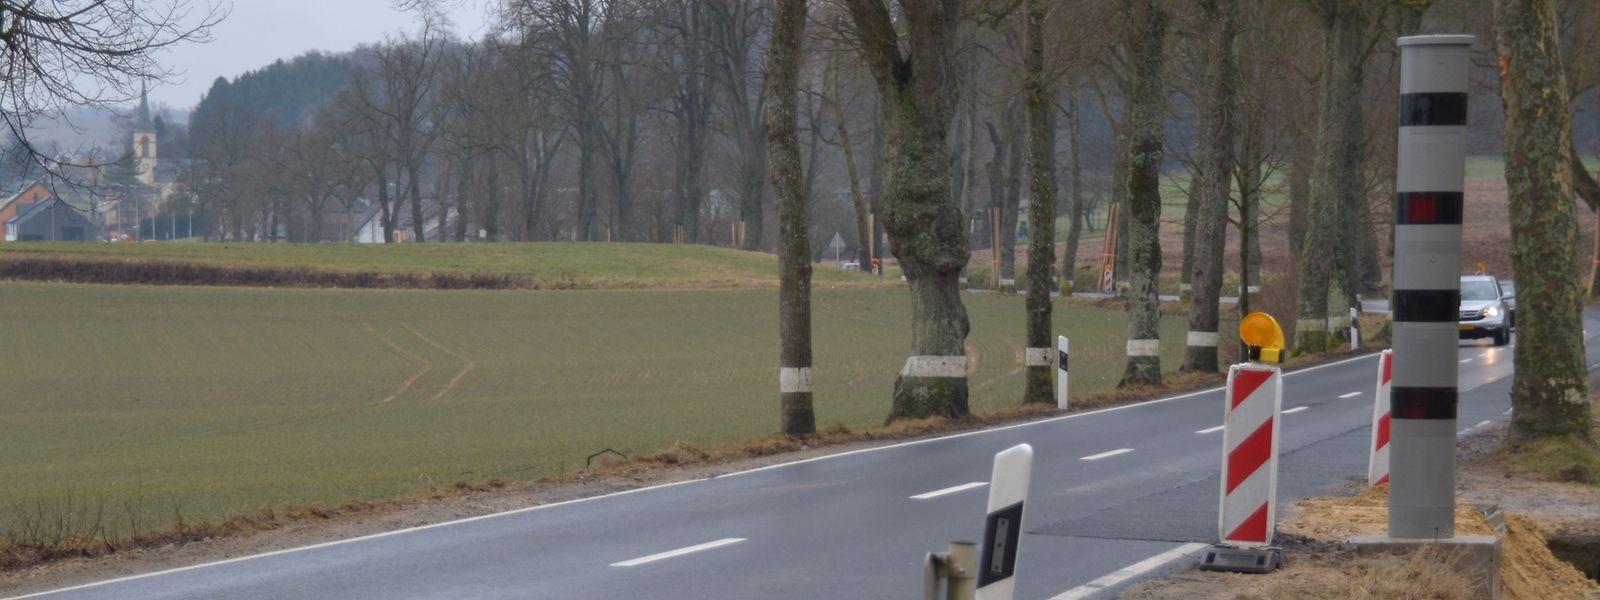 Seit Anfang März steht auf der Strecke zwischen Brouch und Saeul bereits ein fixes Radargerät. Am kommenden Dienstag geht es in Betrieb.